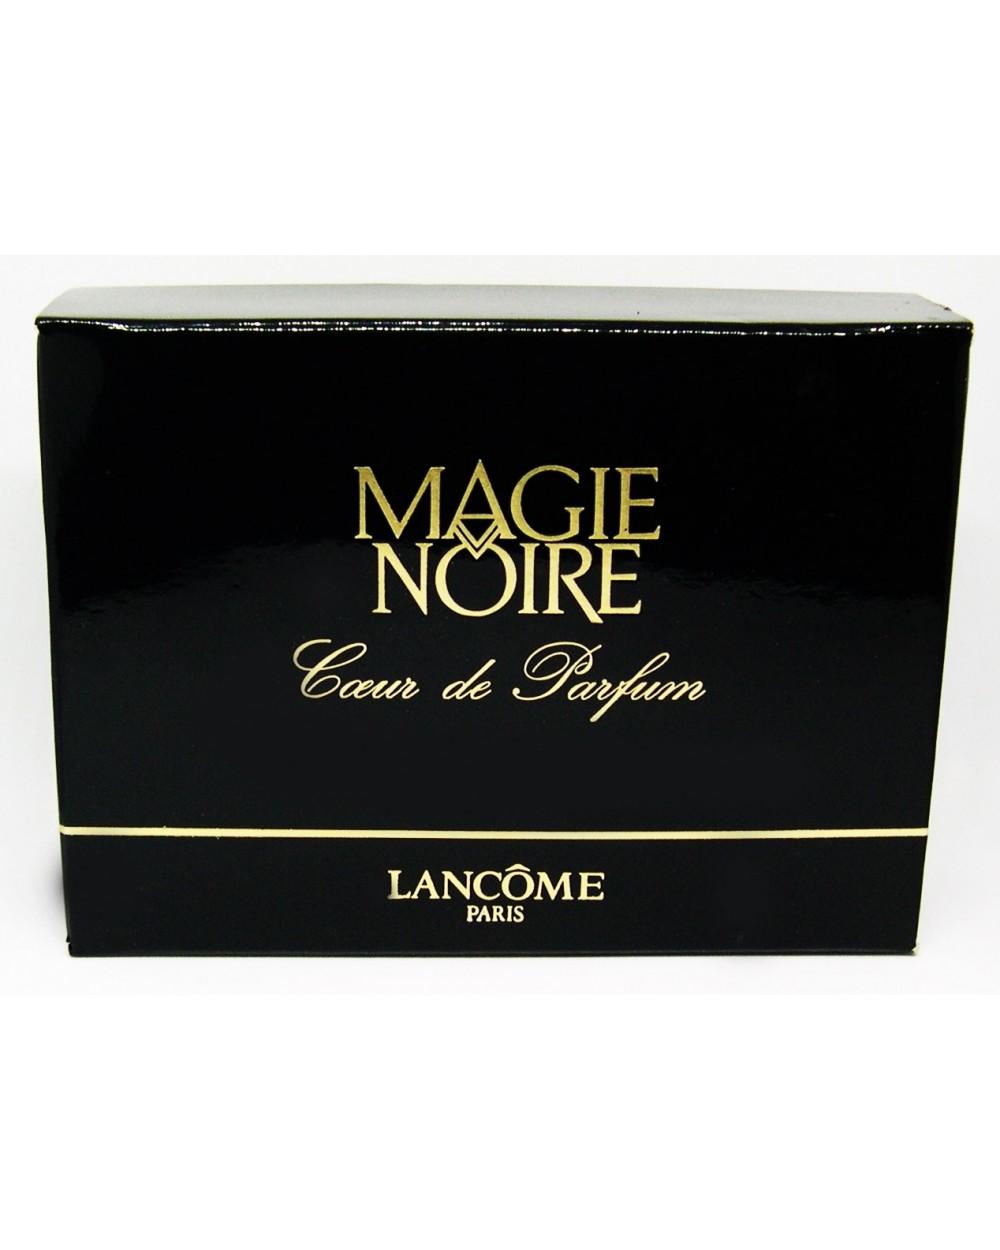 Mini In De Box.Lancome Magie Noire Coeur De Parfum Mini Vapo Gift Box Sovrana Parfums